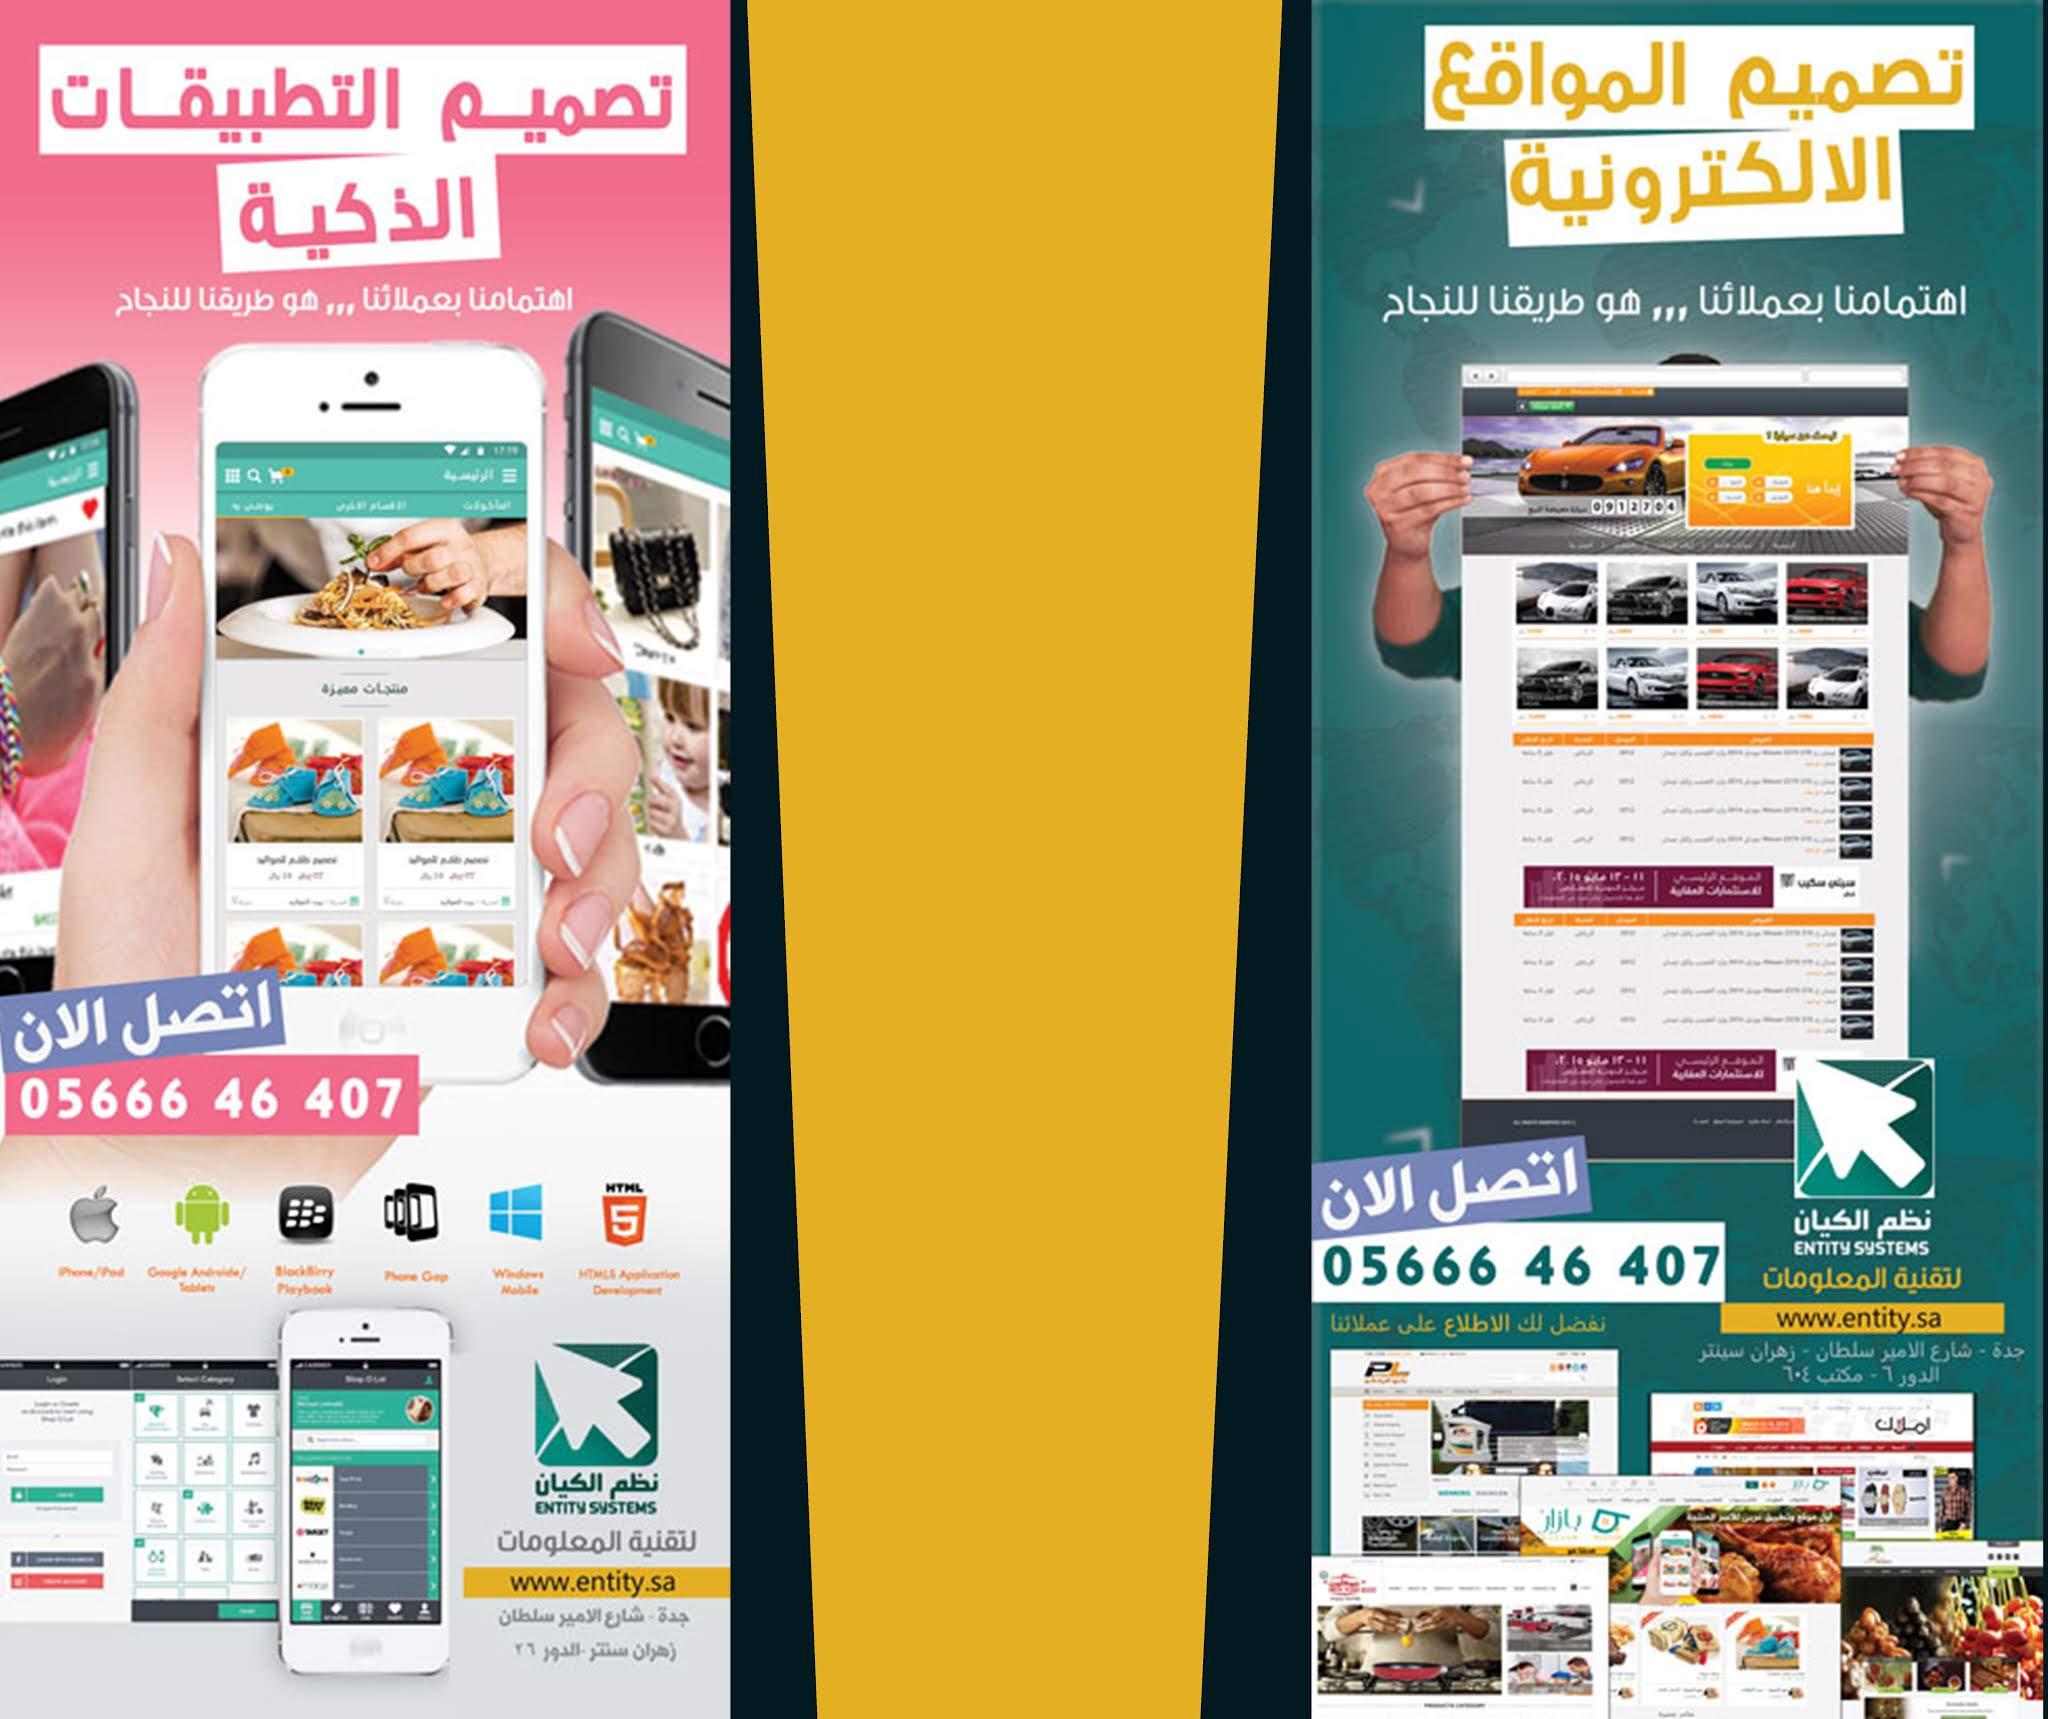 تصميم مواقع انترنت احترافية وتطبيقات